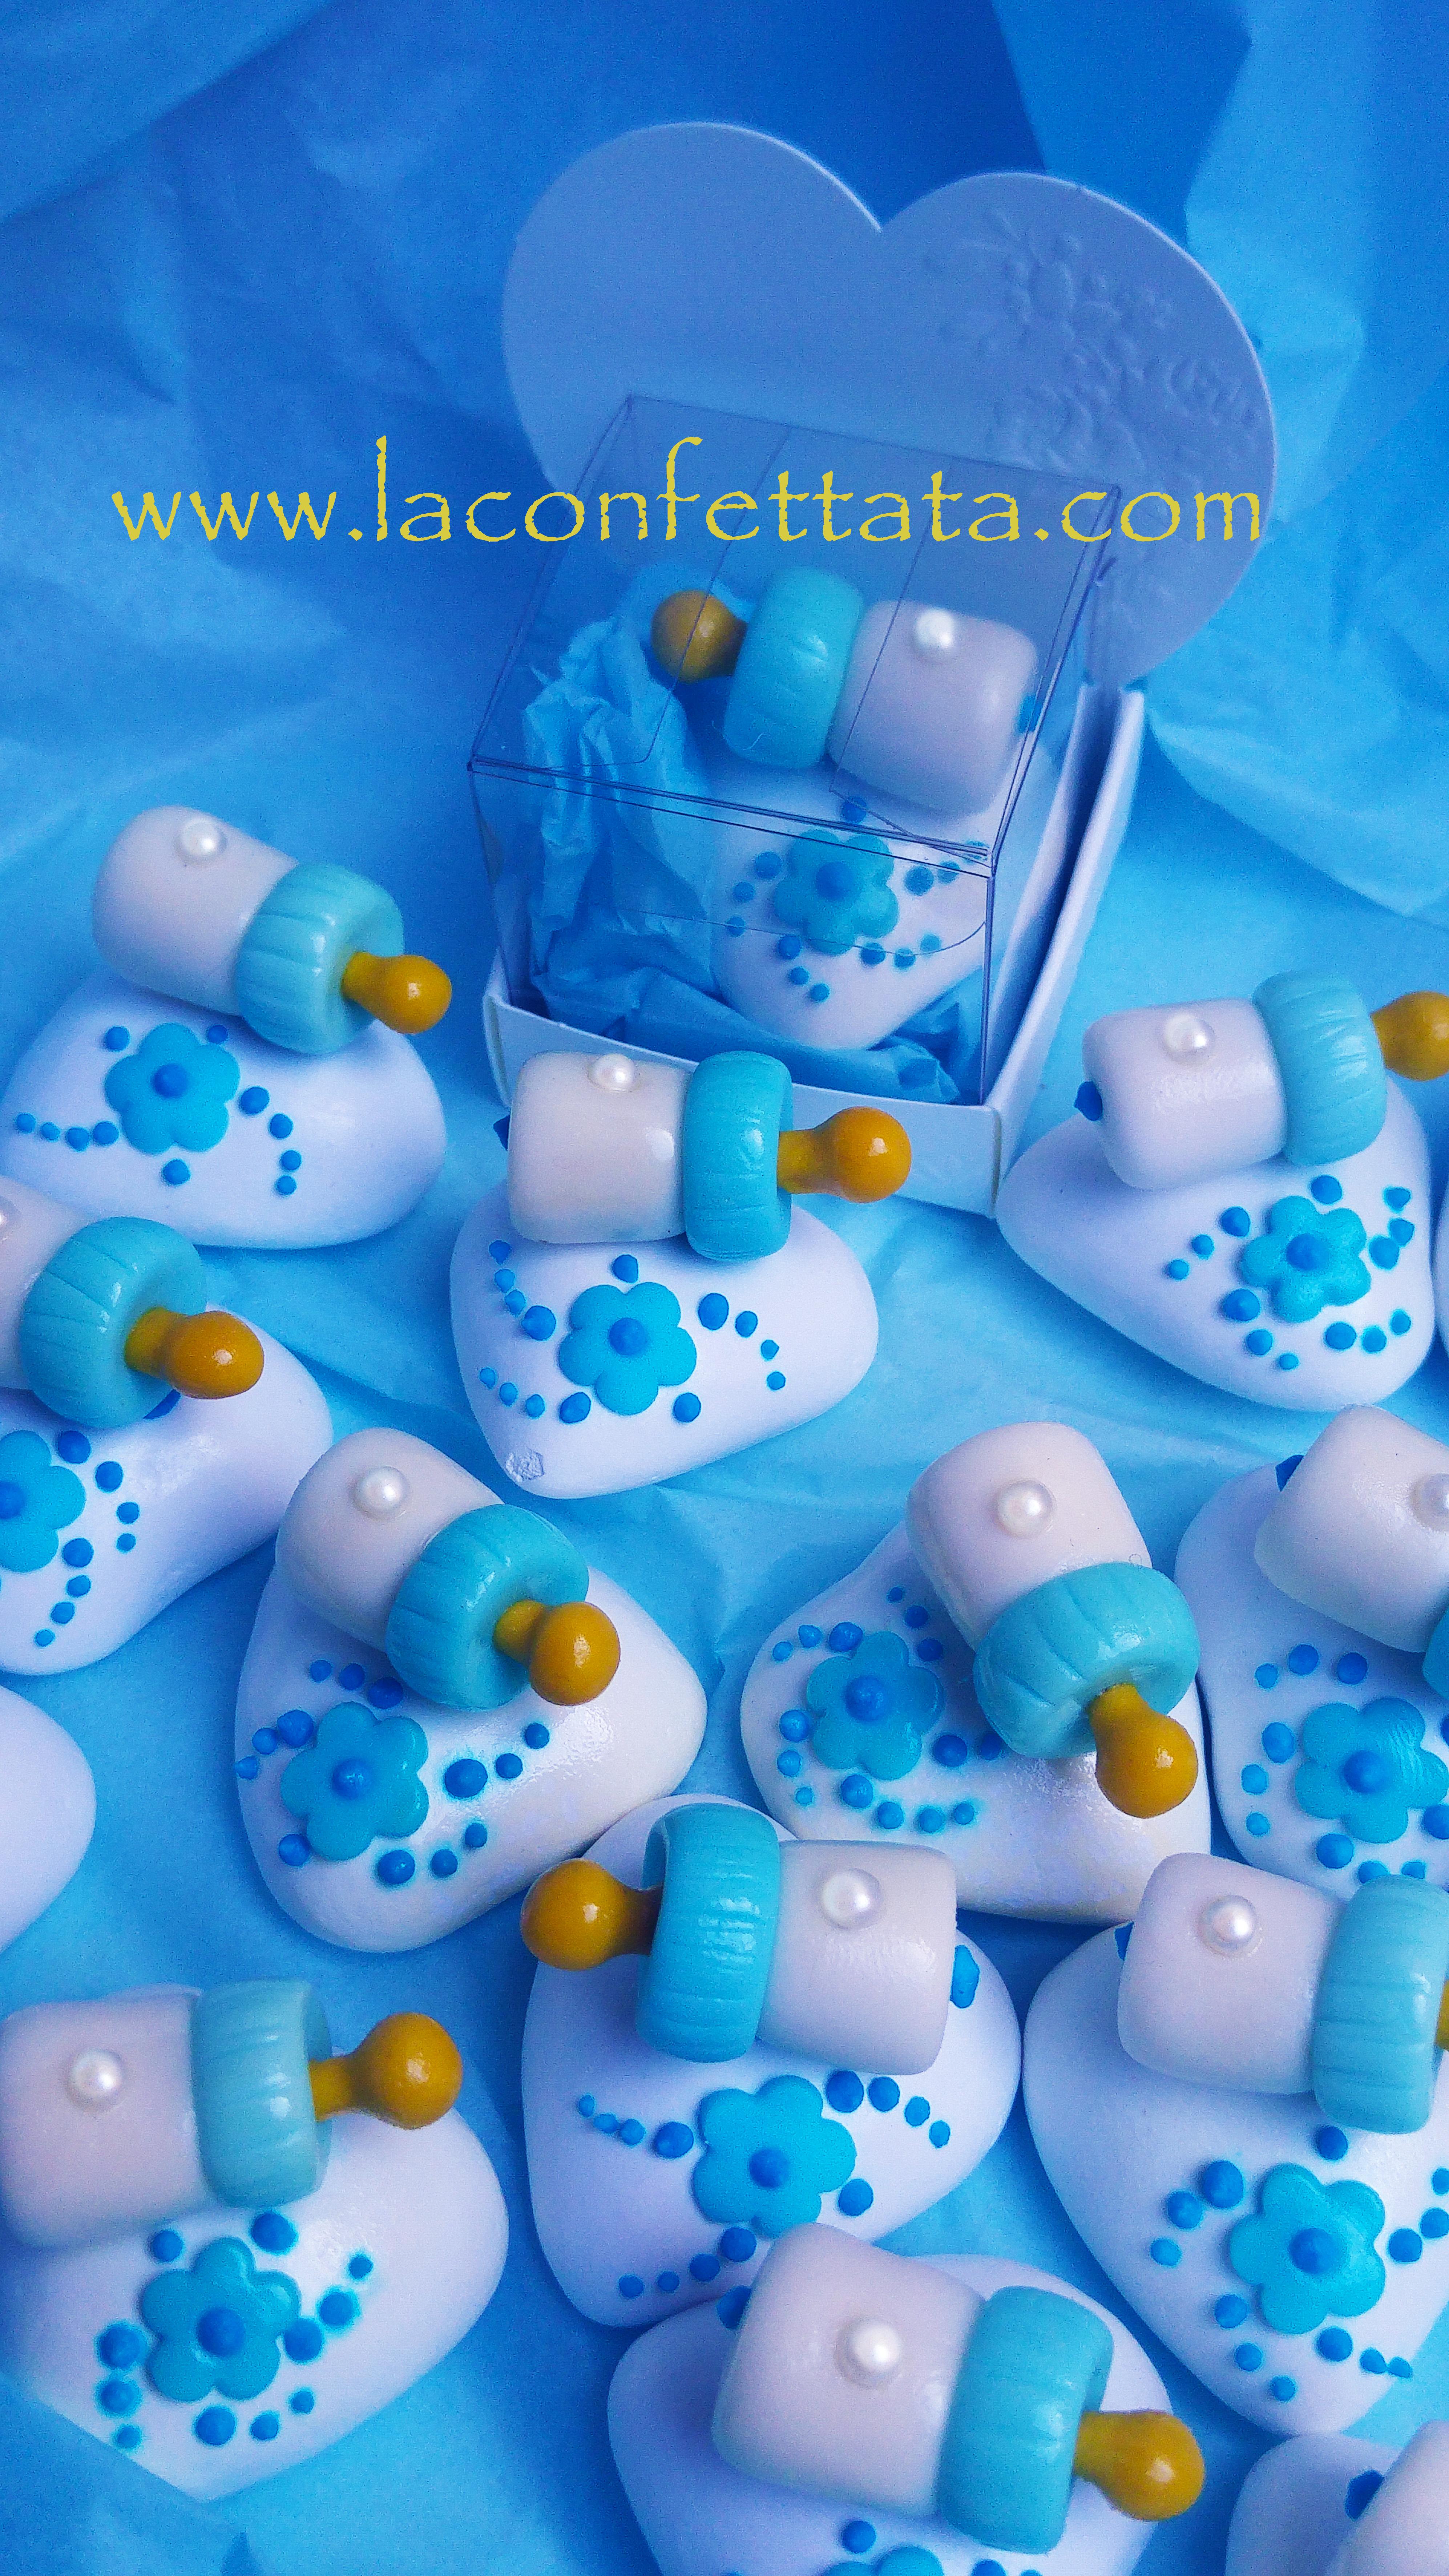 segnaposto confetti decorati baby, segnaposto baby